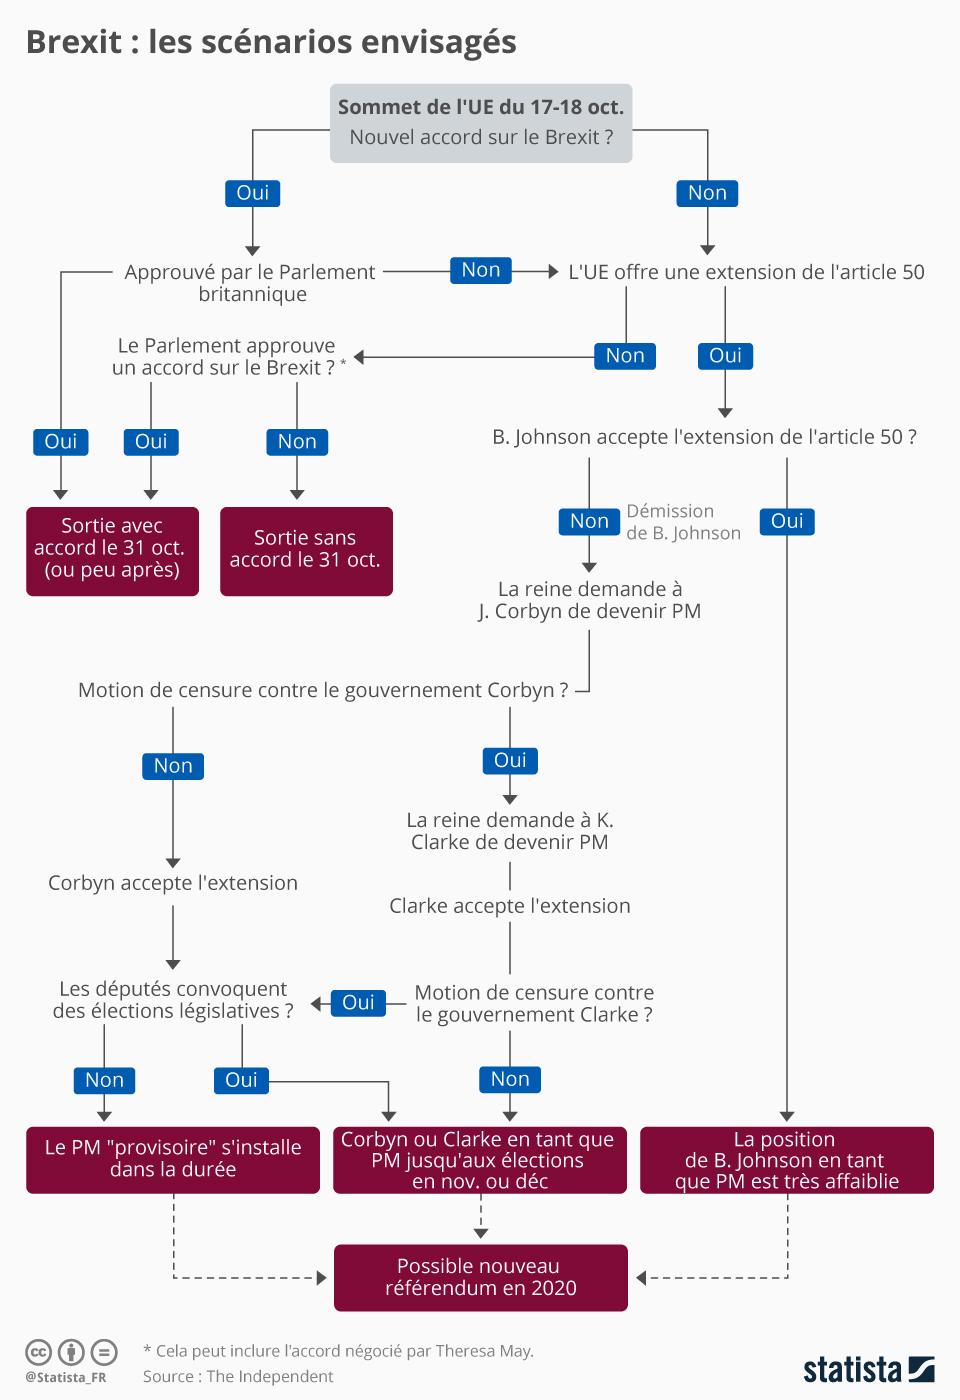 Infographie: Dernière ligne droite pour le Brexit  | Statista